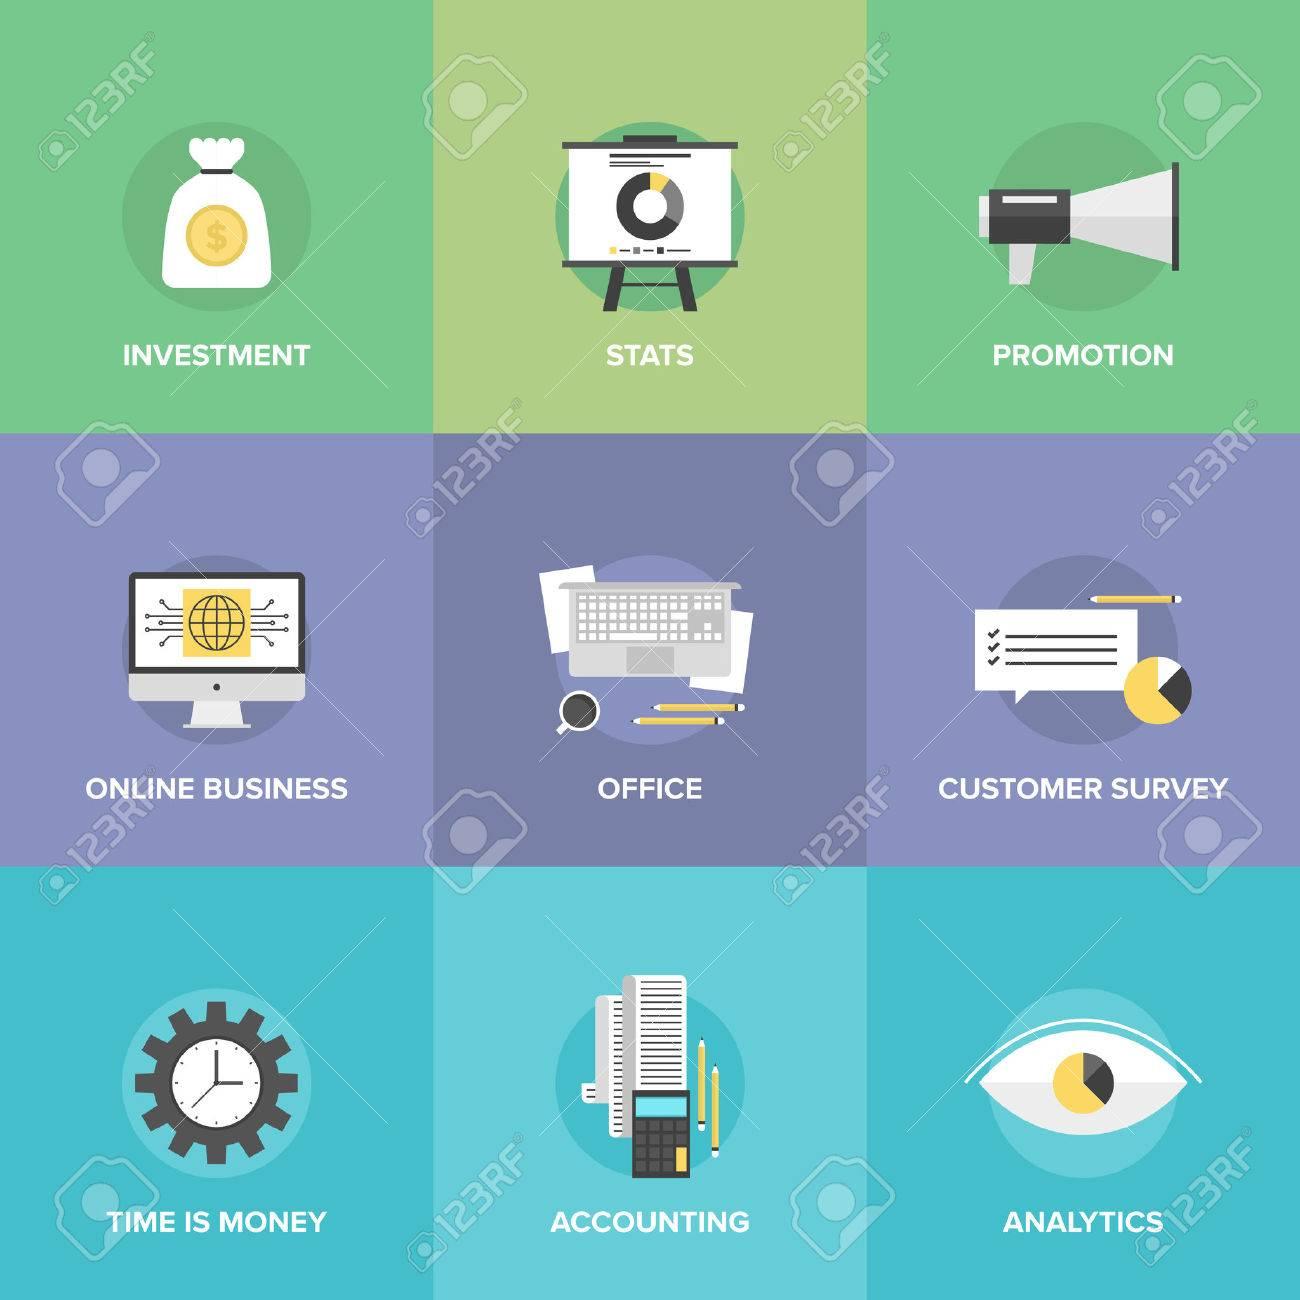 Iconos Planos Del Sistema De Dinero A Invertir, La Contabilidad De ...